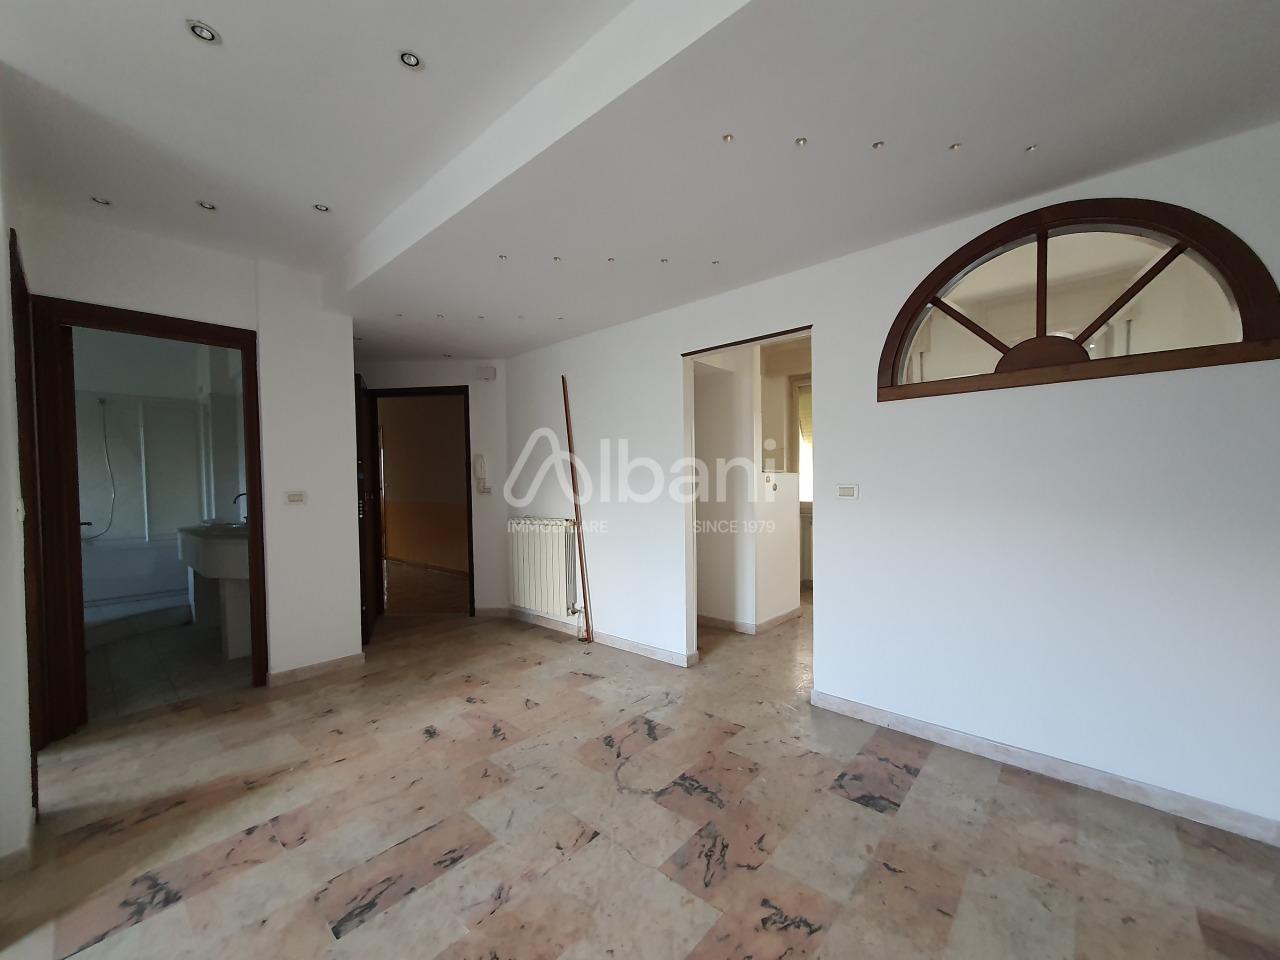 Appartamento in vendita a Vezzano Ligure, 5 locali, prezzo € 115.000 | PortaleAgenzieImmobiliari.it